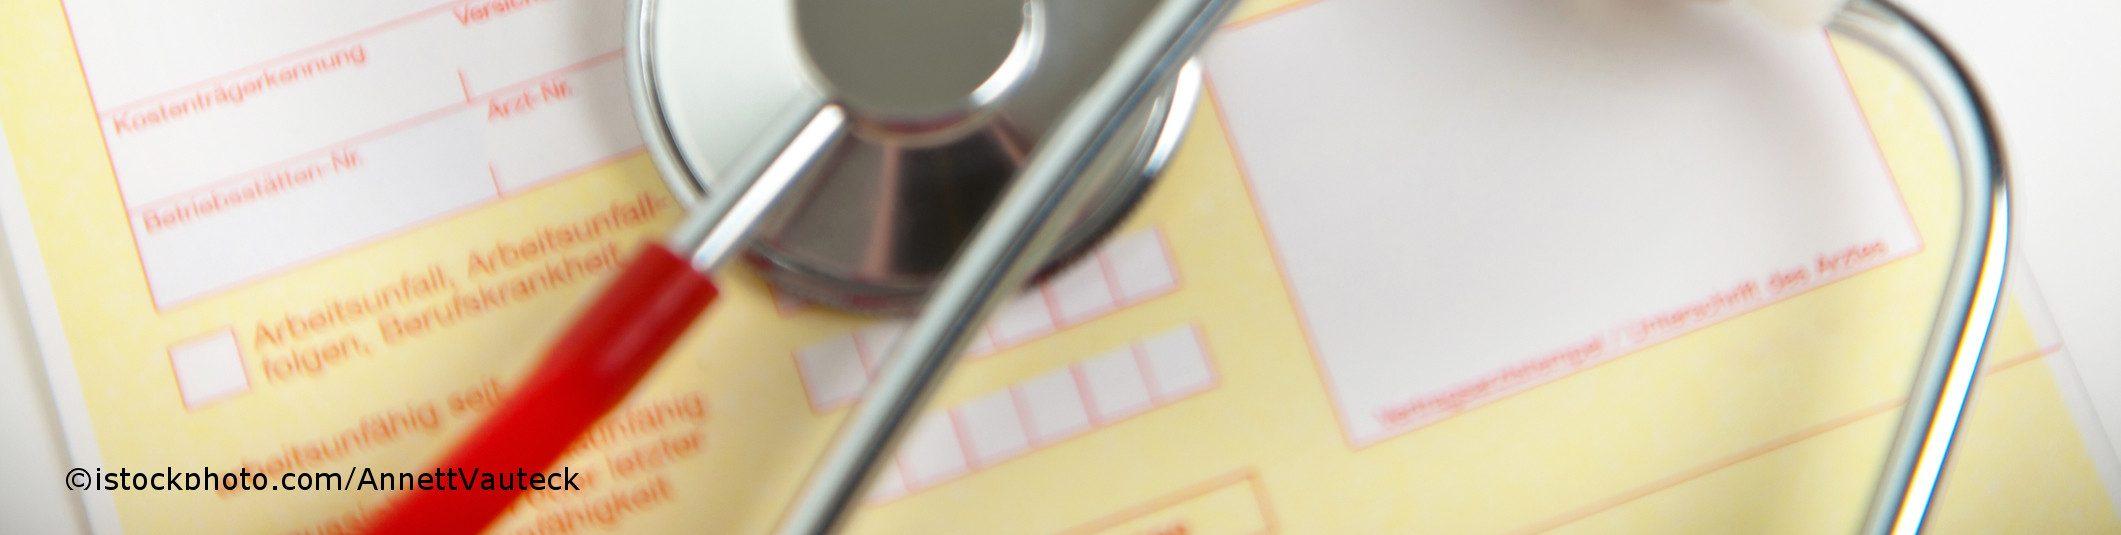 Im ICD-10 Diagnoseschlüssel steht J30 für vasomotorische und allergische Rhinopathie.